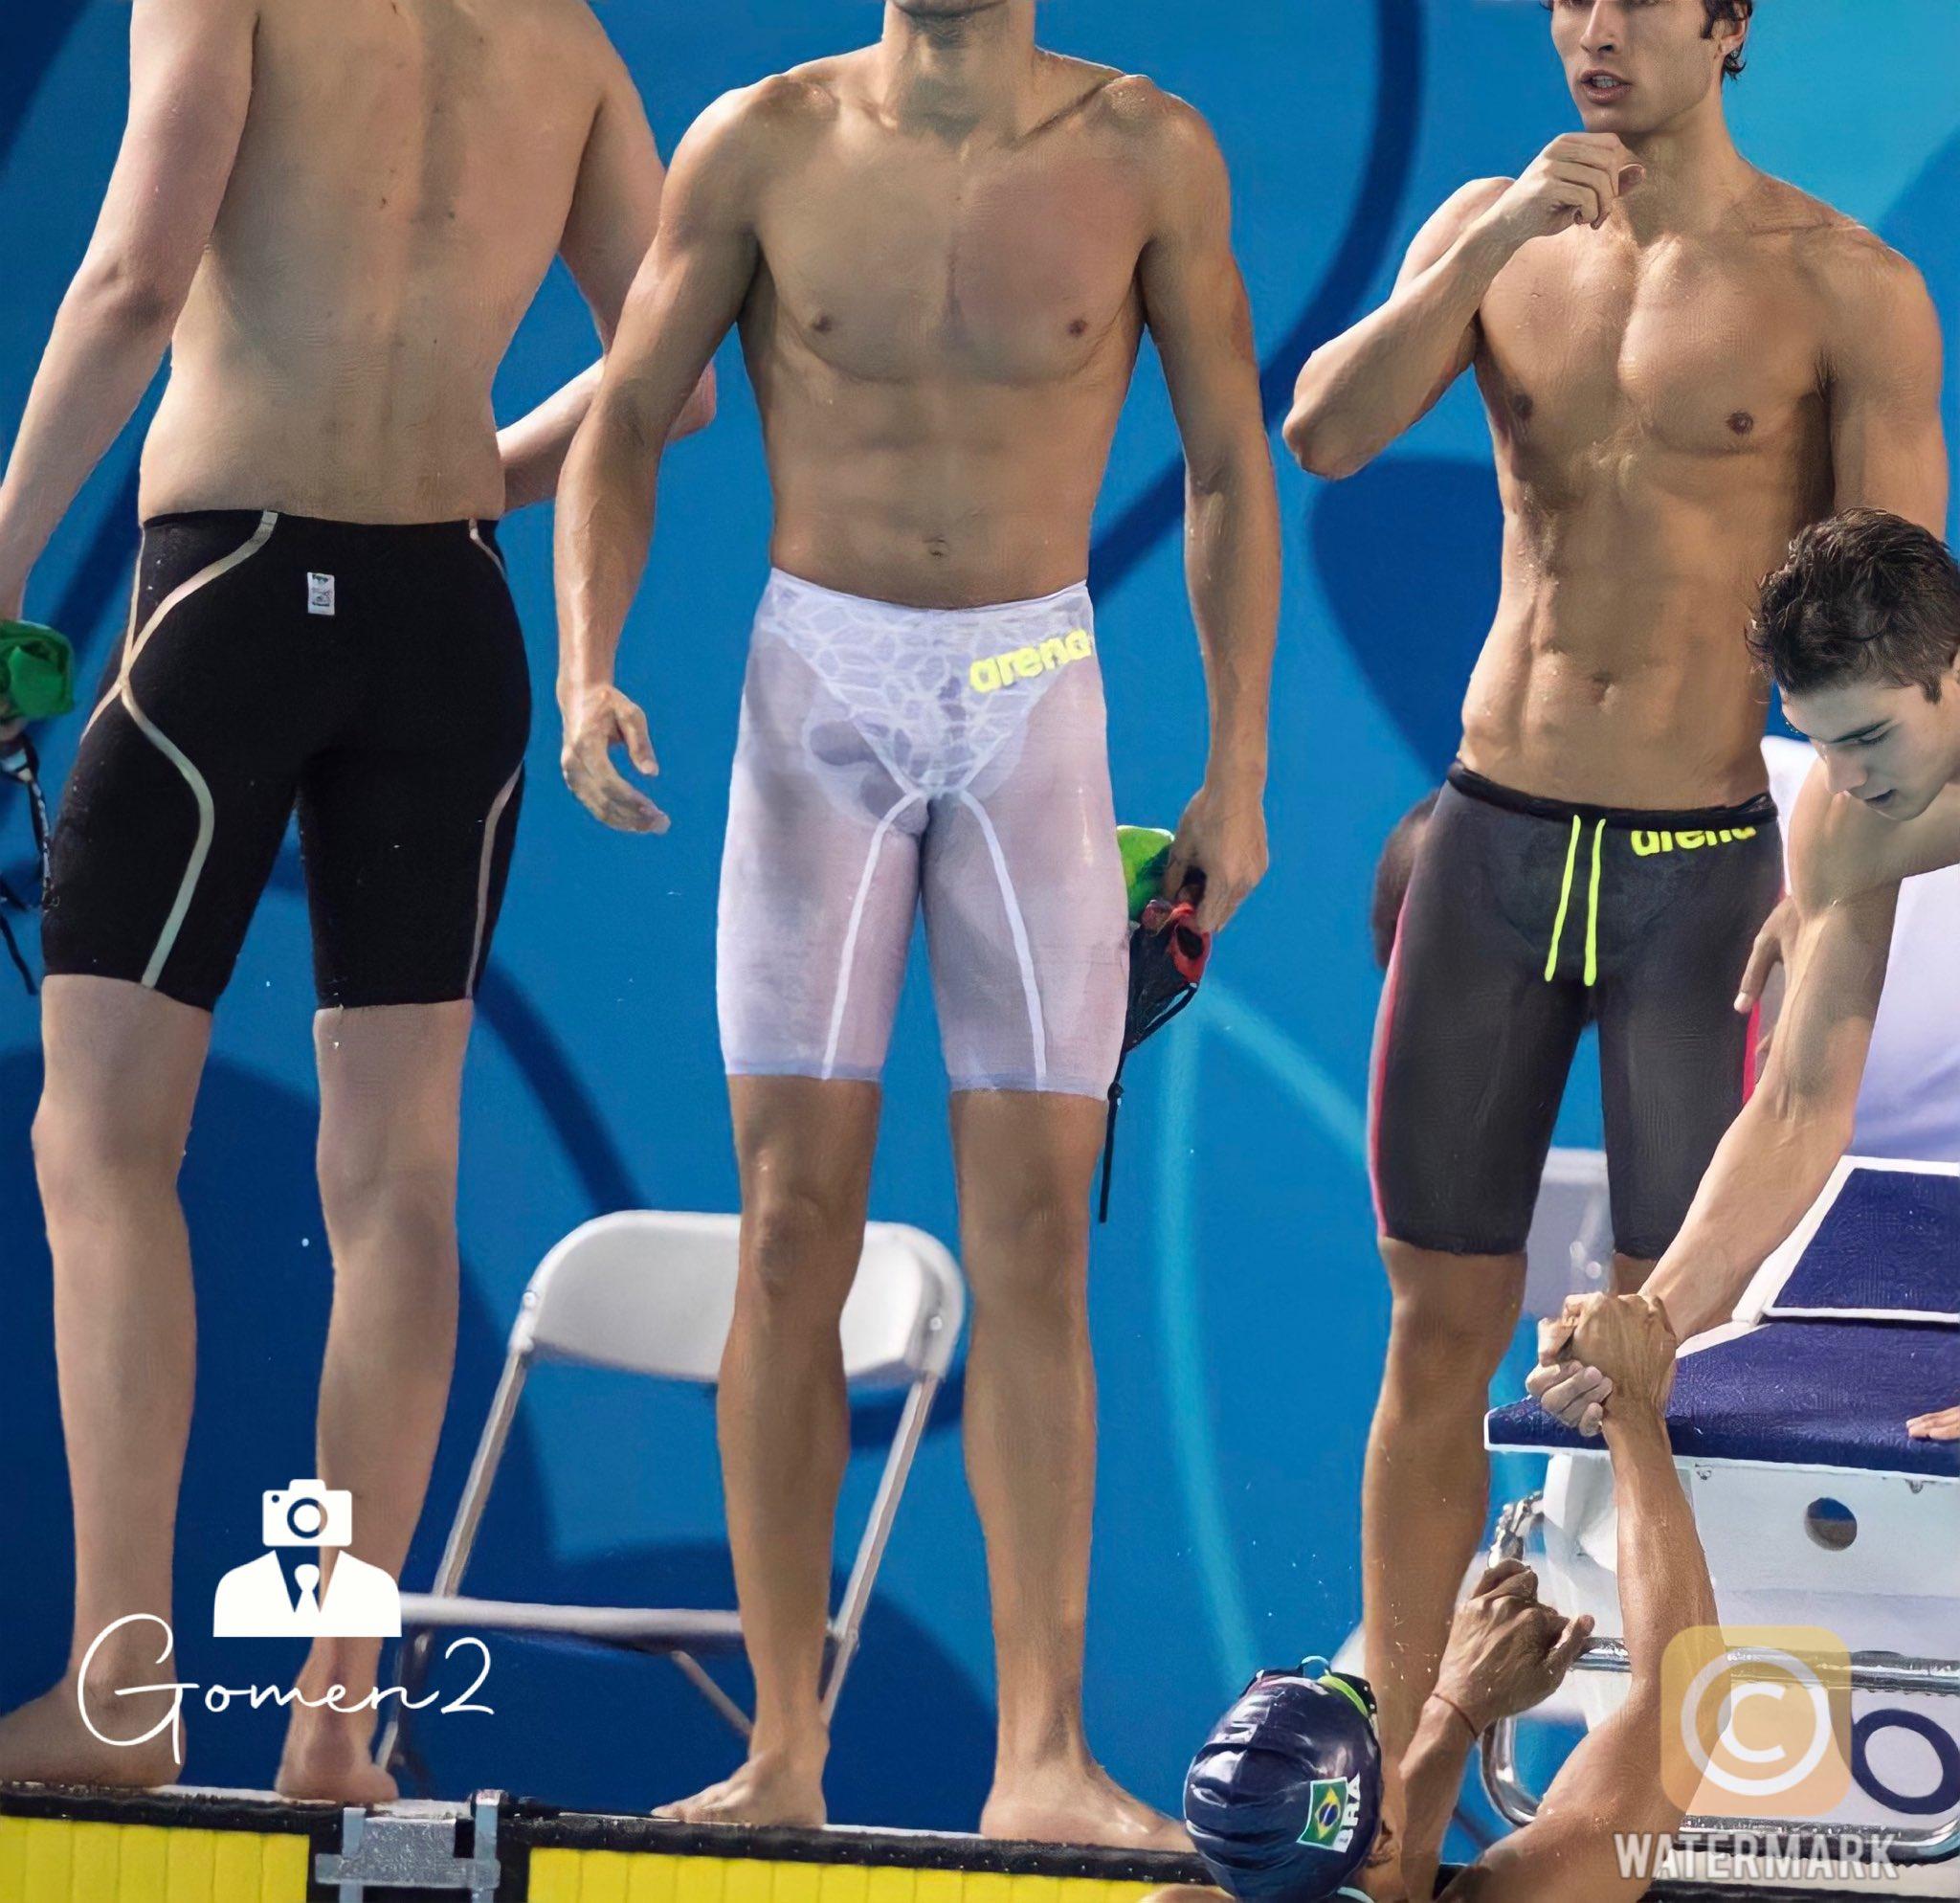 trajes de baño transparentes en los olímpicos